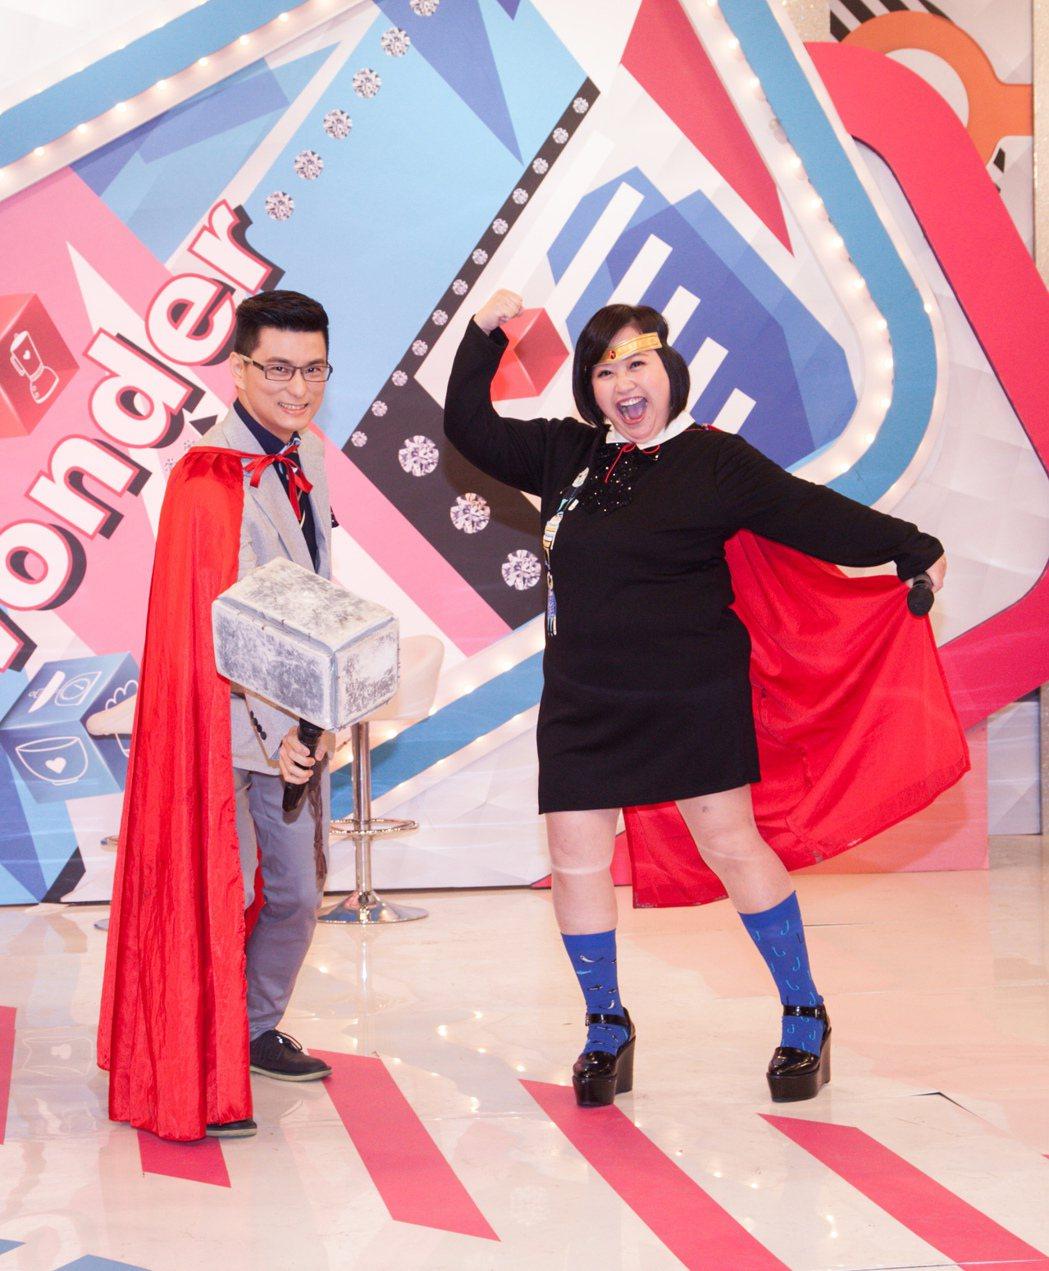 鍾欣凌(右)和小兒科醫生黃瑽寧搭檔主持東森超視「媽媽好神」。圖/東森提供